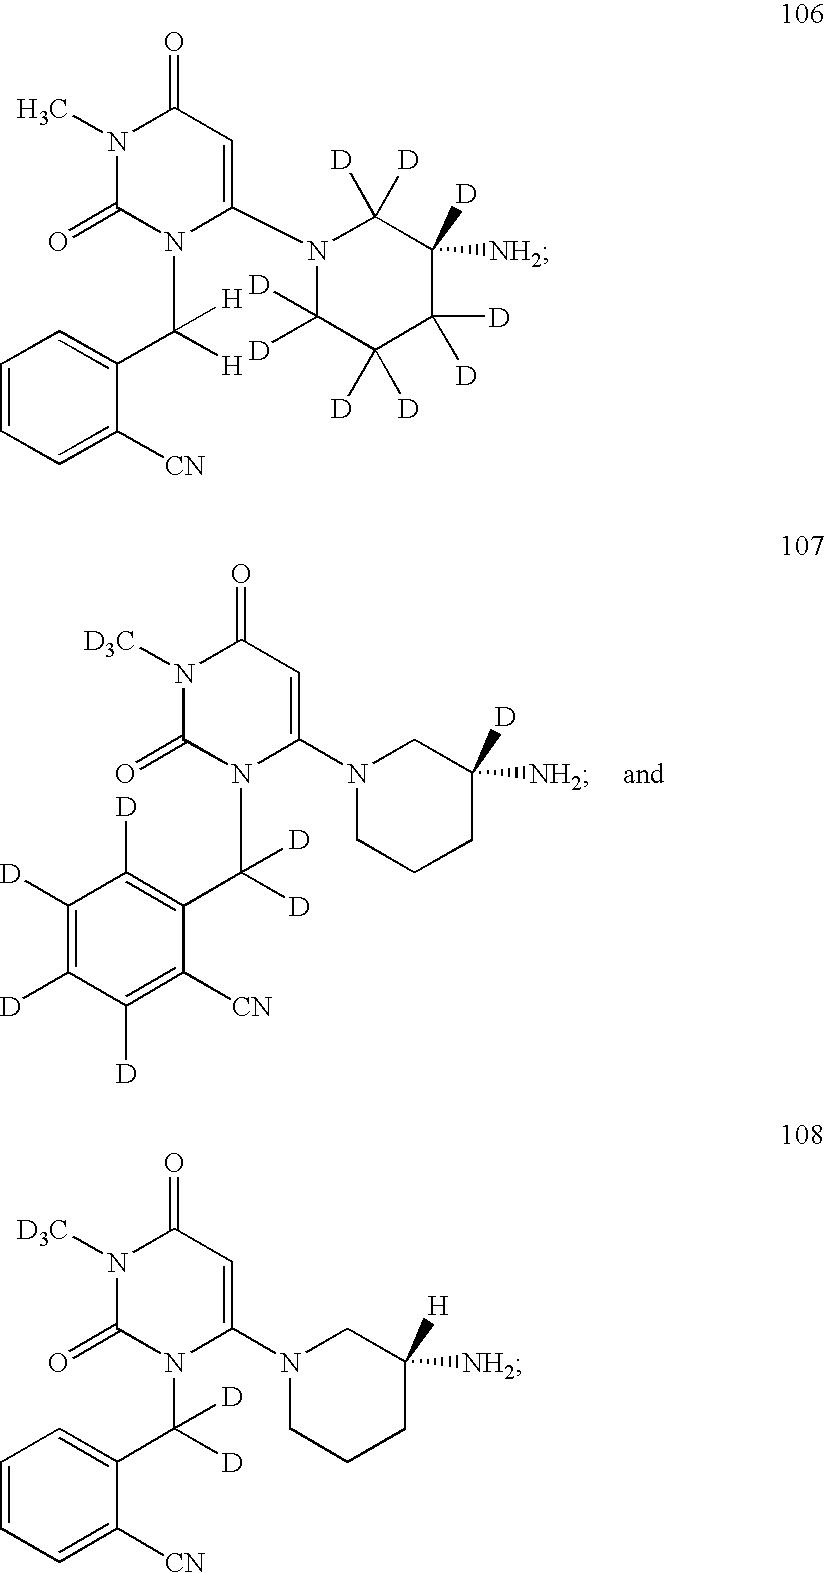 Figure US20090137457A1-20090528-C00004